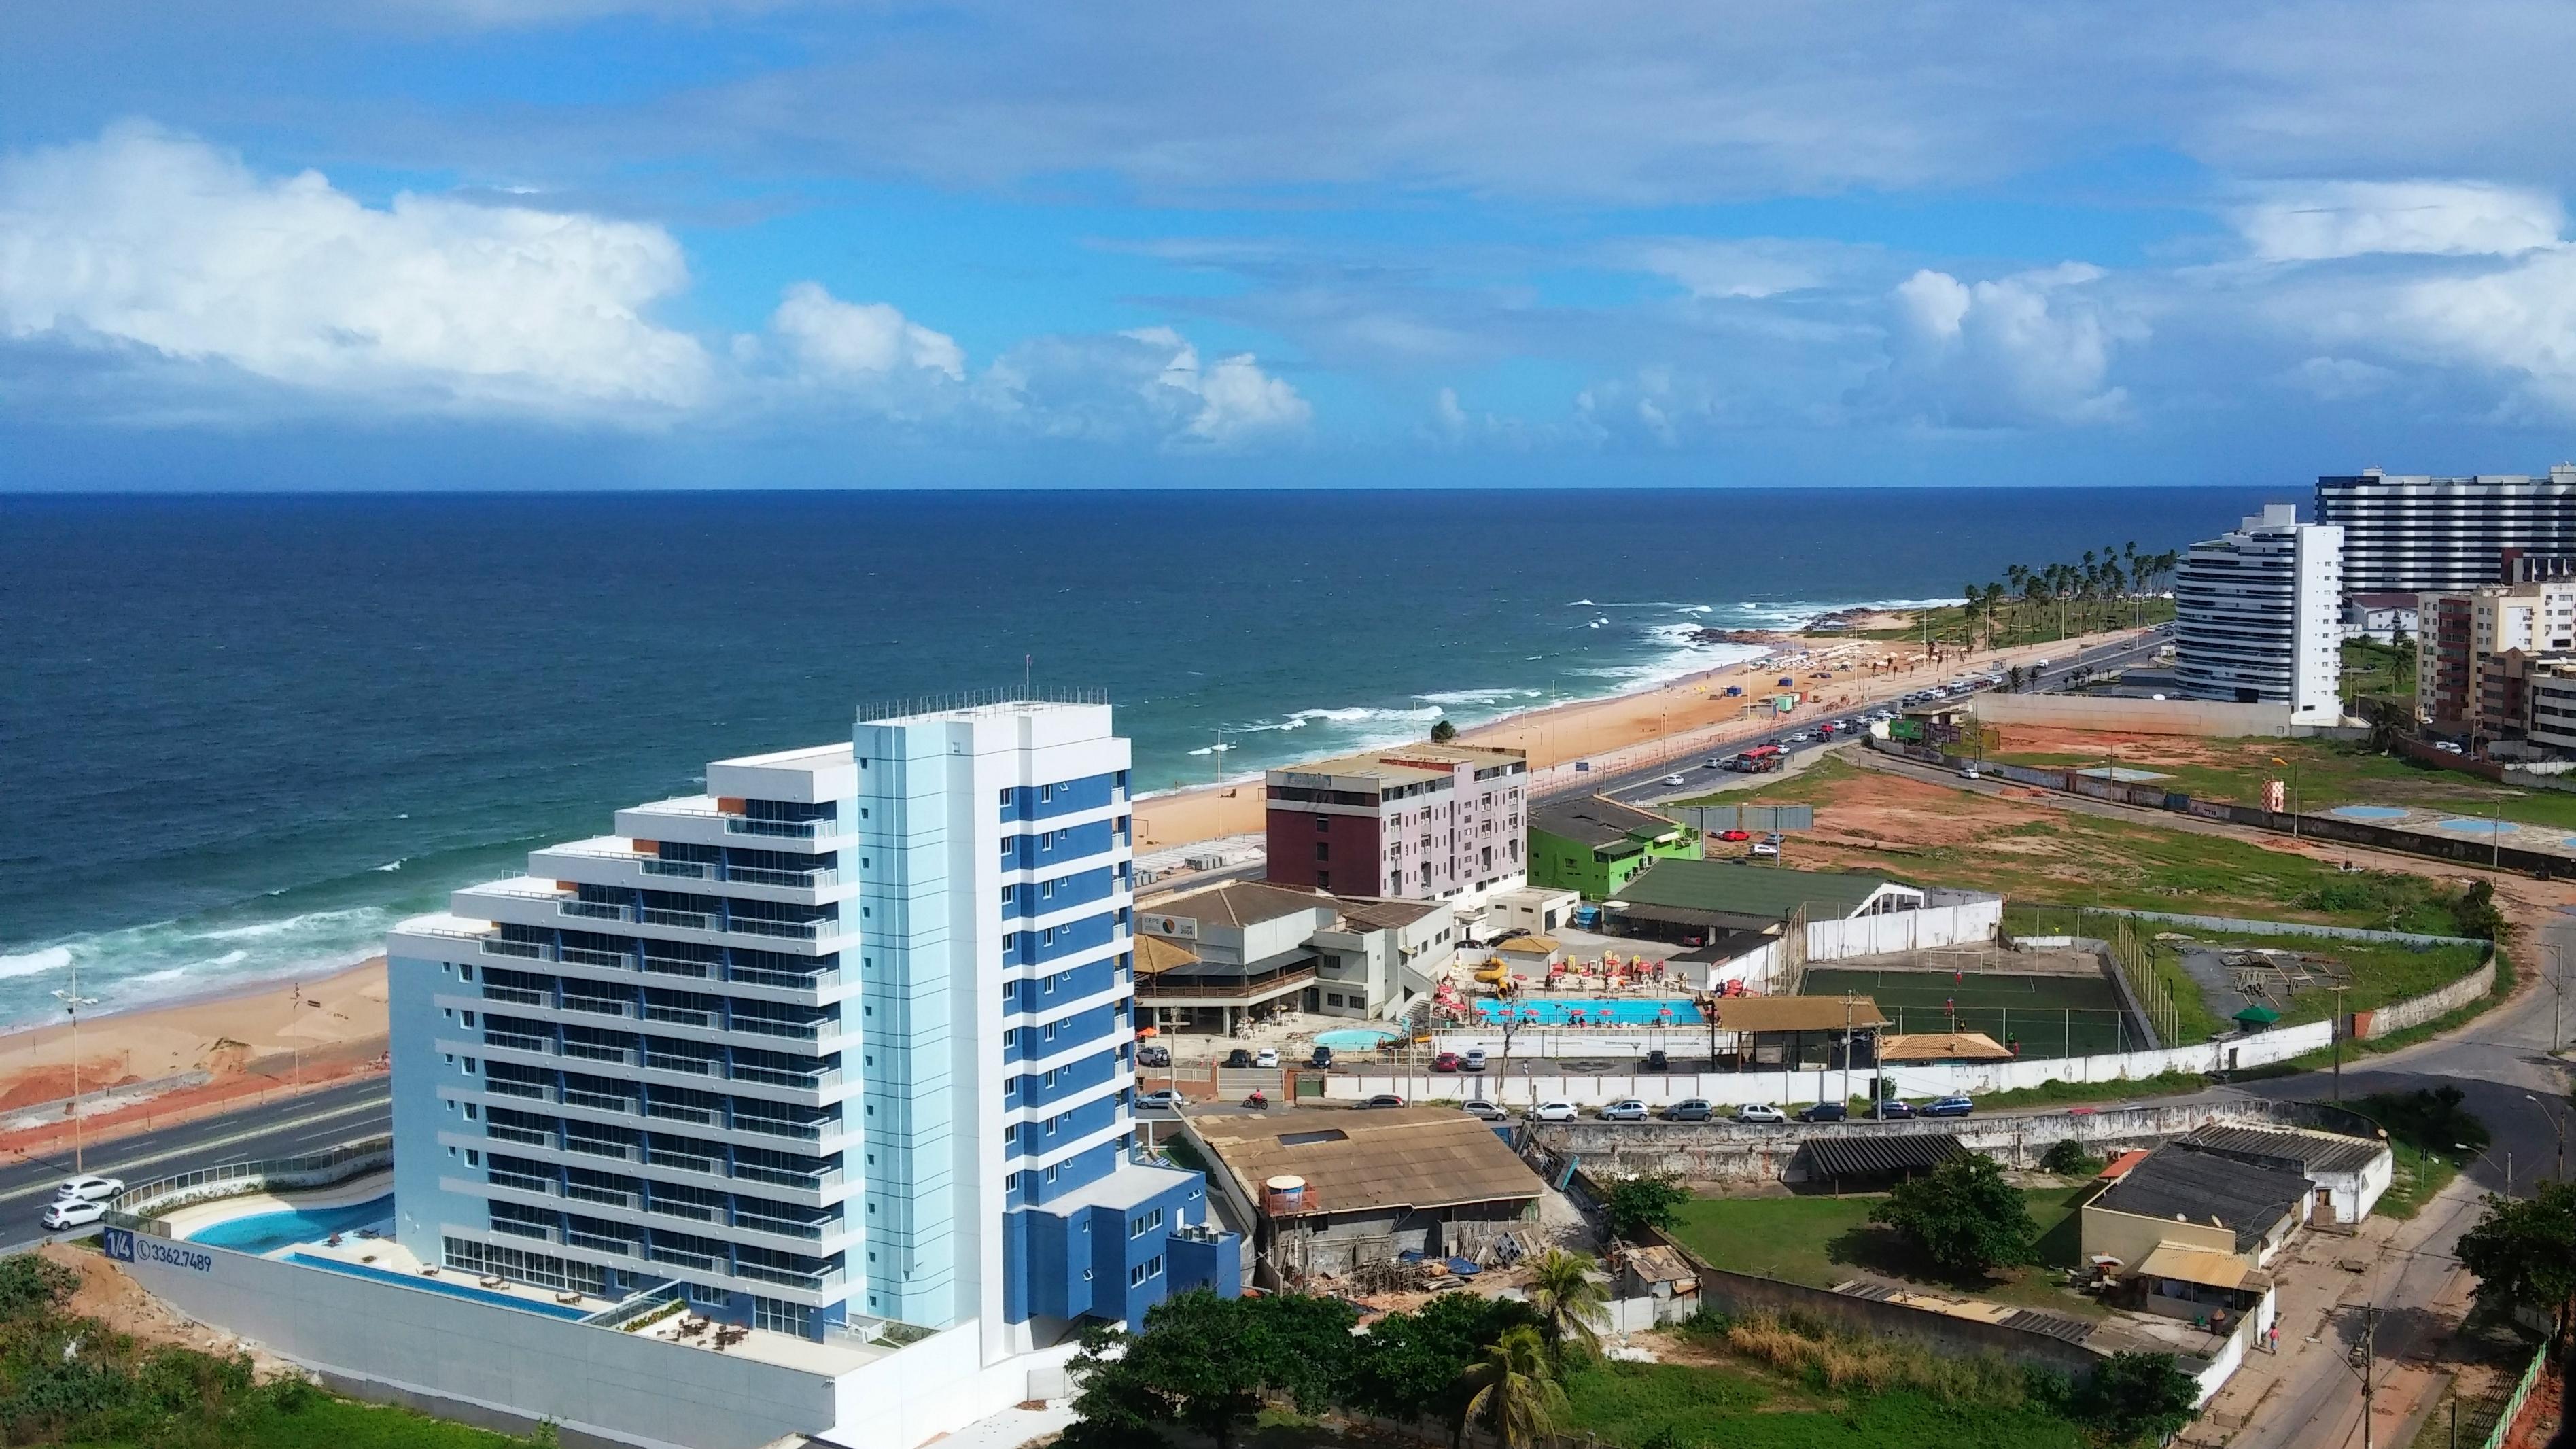 Ficheiro:Praia de Armação (18818424602).jpg – Wikipédia, a enciclopédia  livre